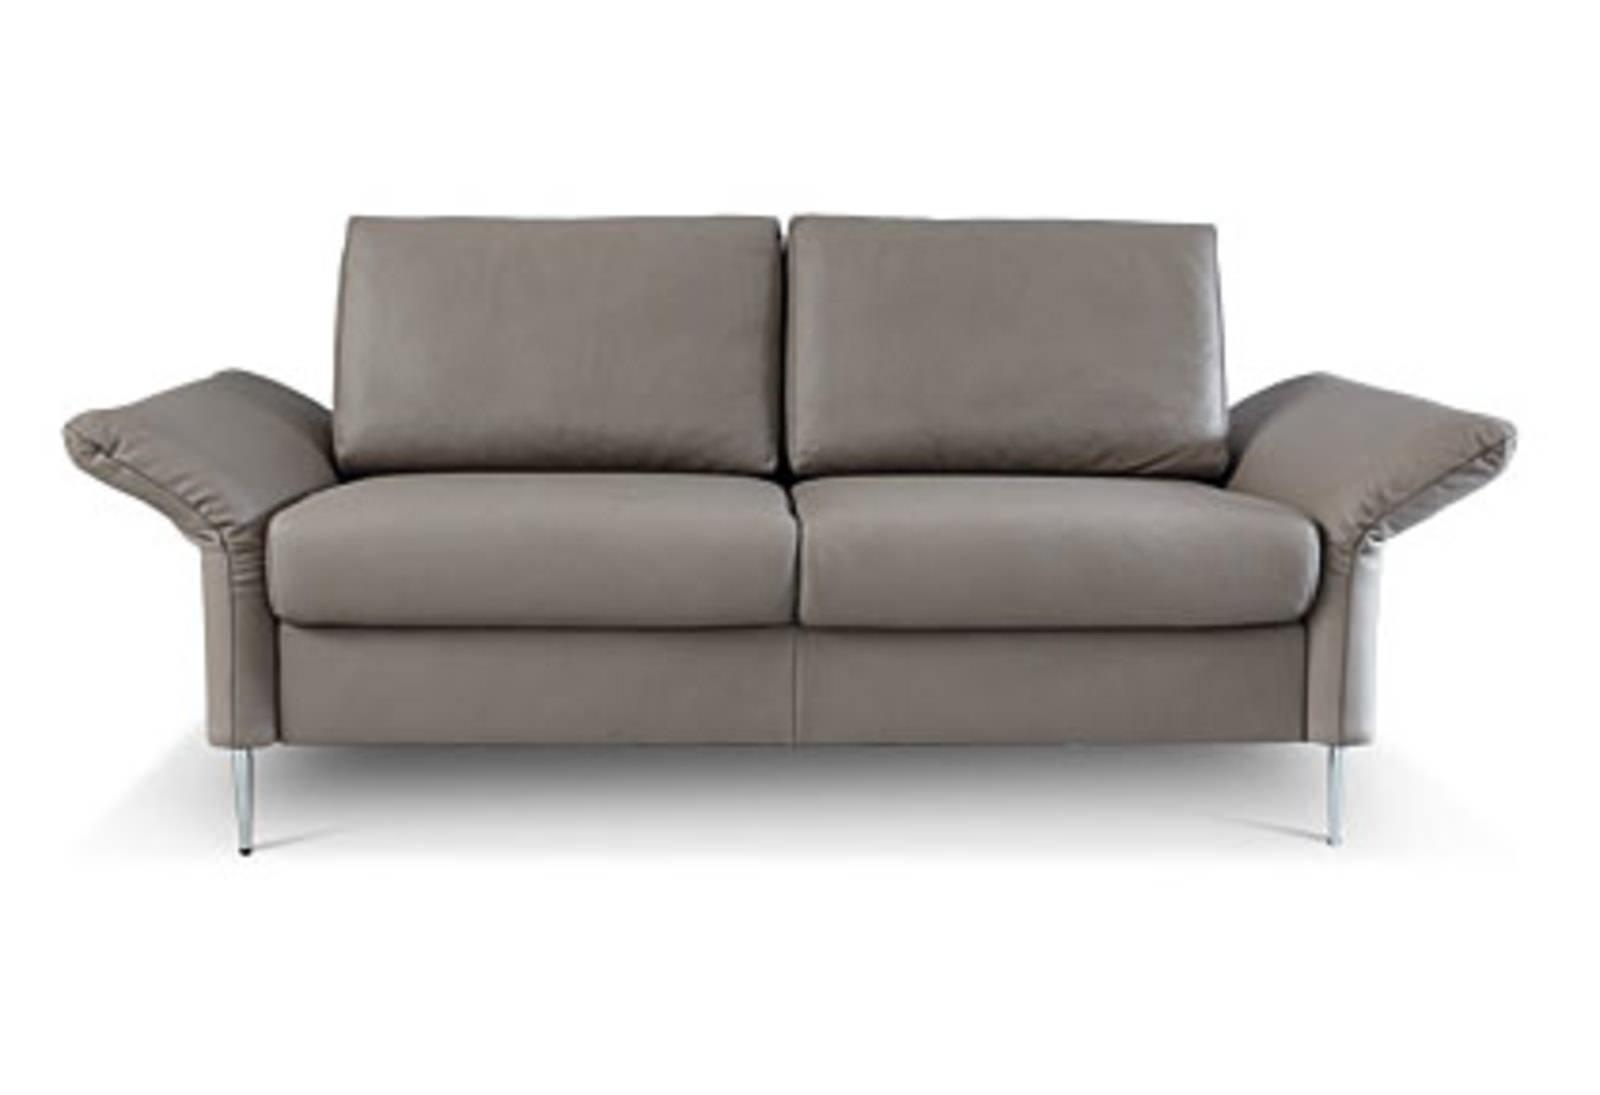 mondo sofa 2 sitzer online entdecken knuffmann ihr. Black Bedroom Furniture Sets. Home Design Ideas